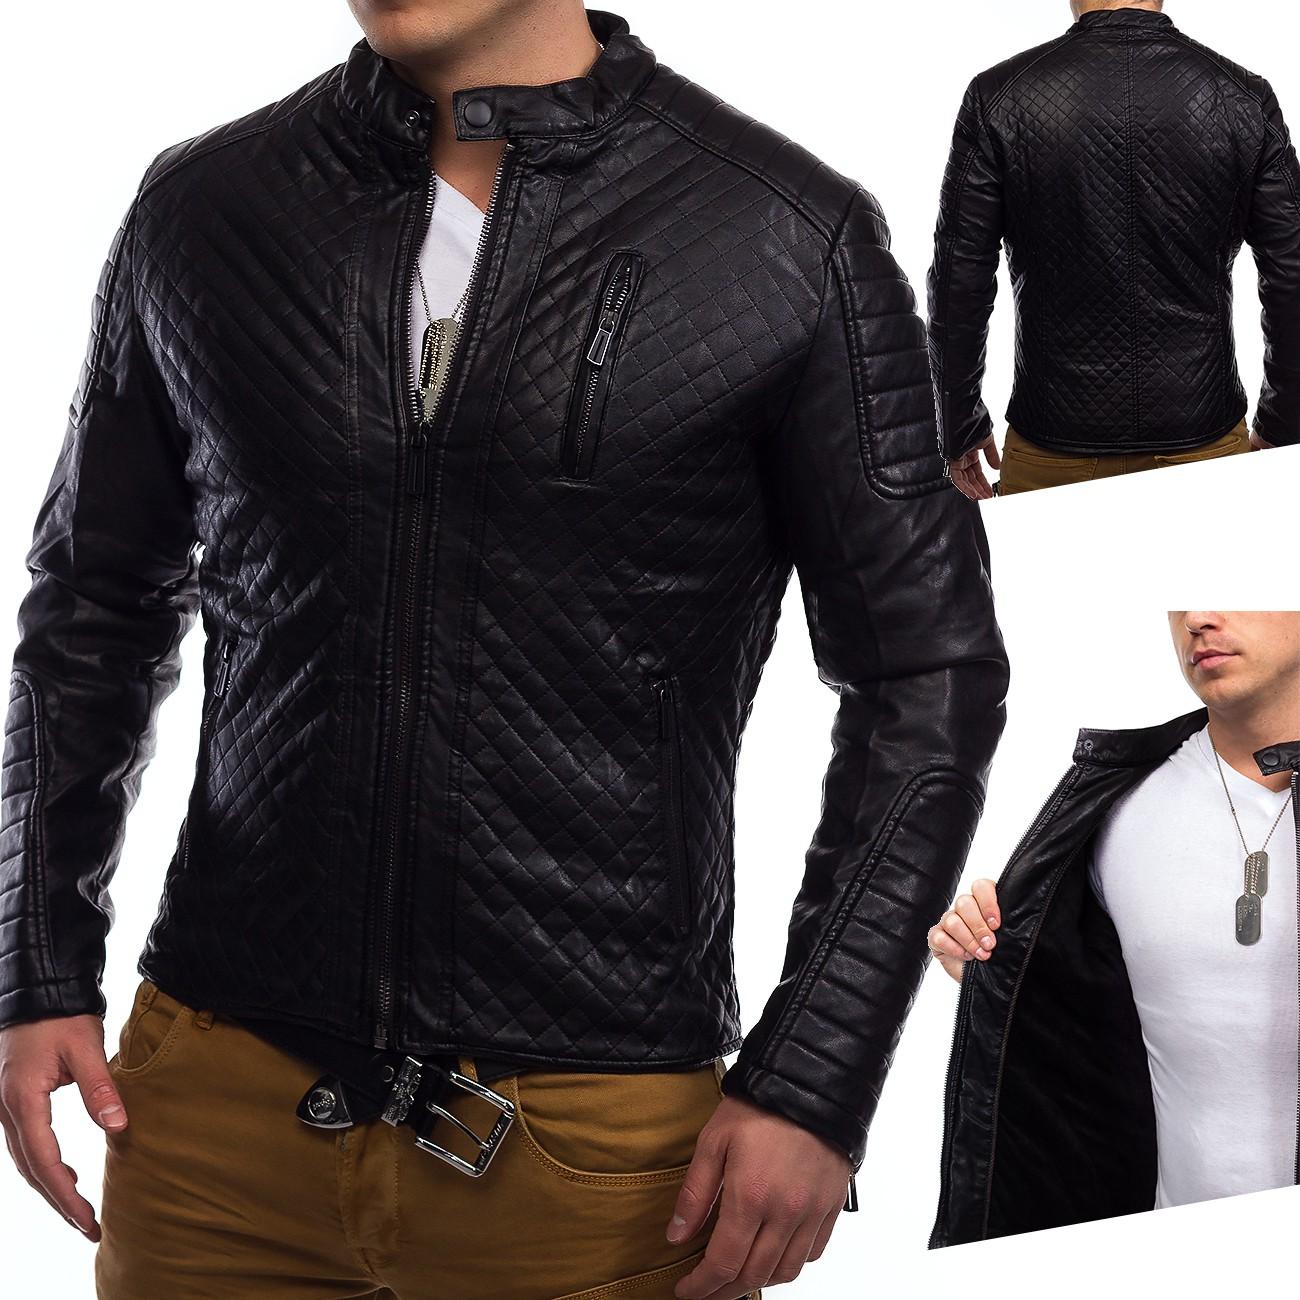 online store caa9b d9903 Herren Winter Lederjacke Coby Biker Jacke Kunstleder ...